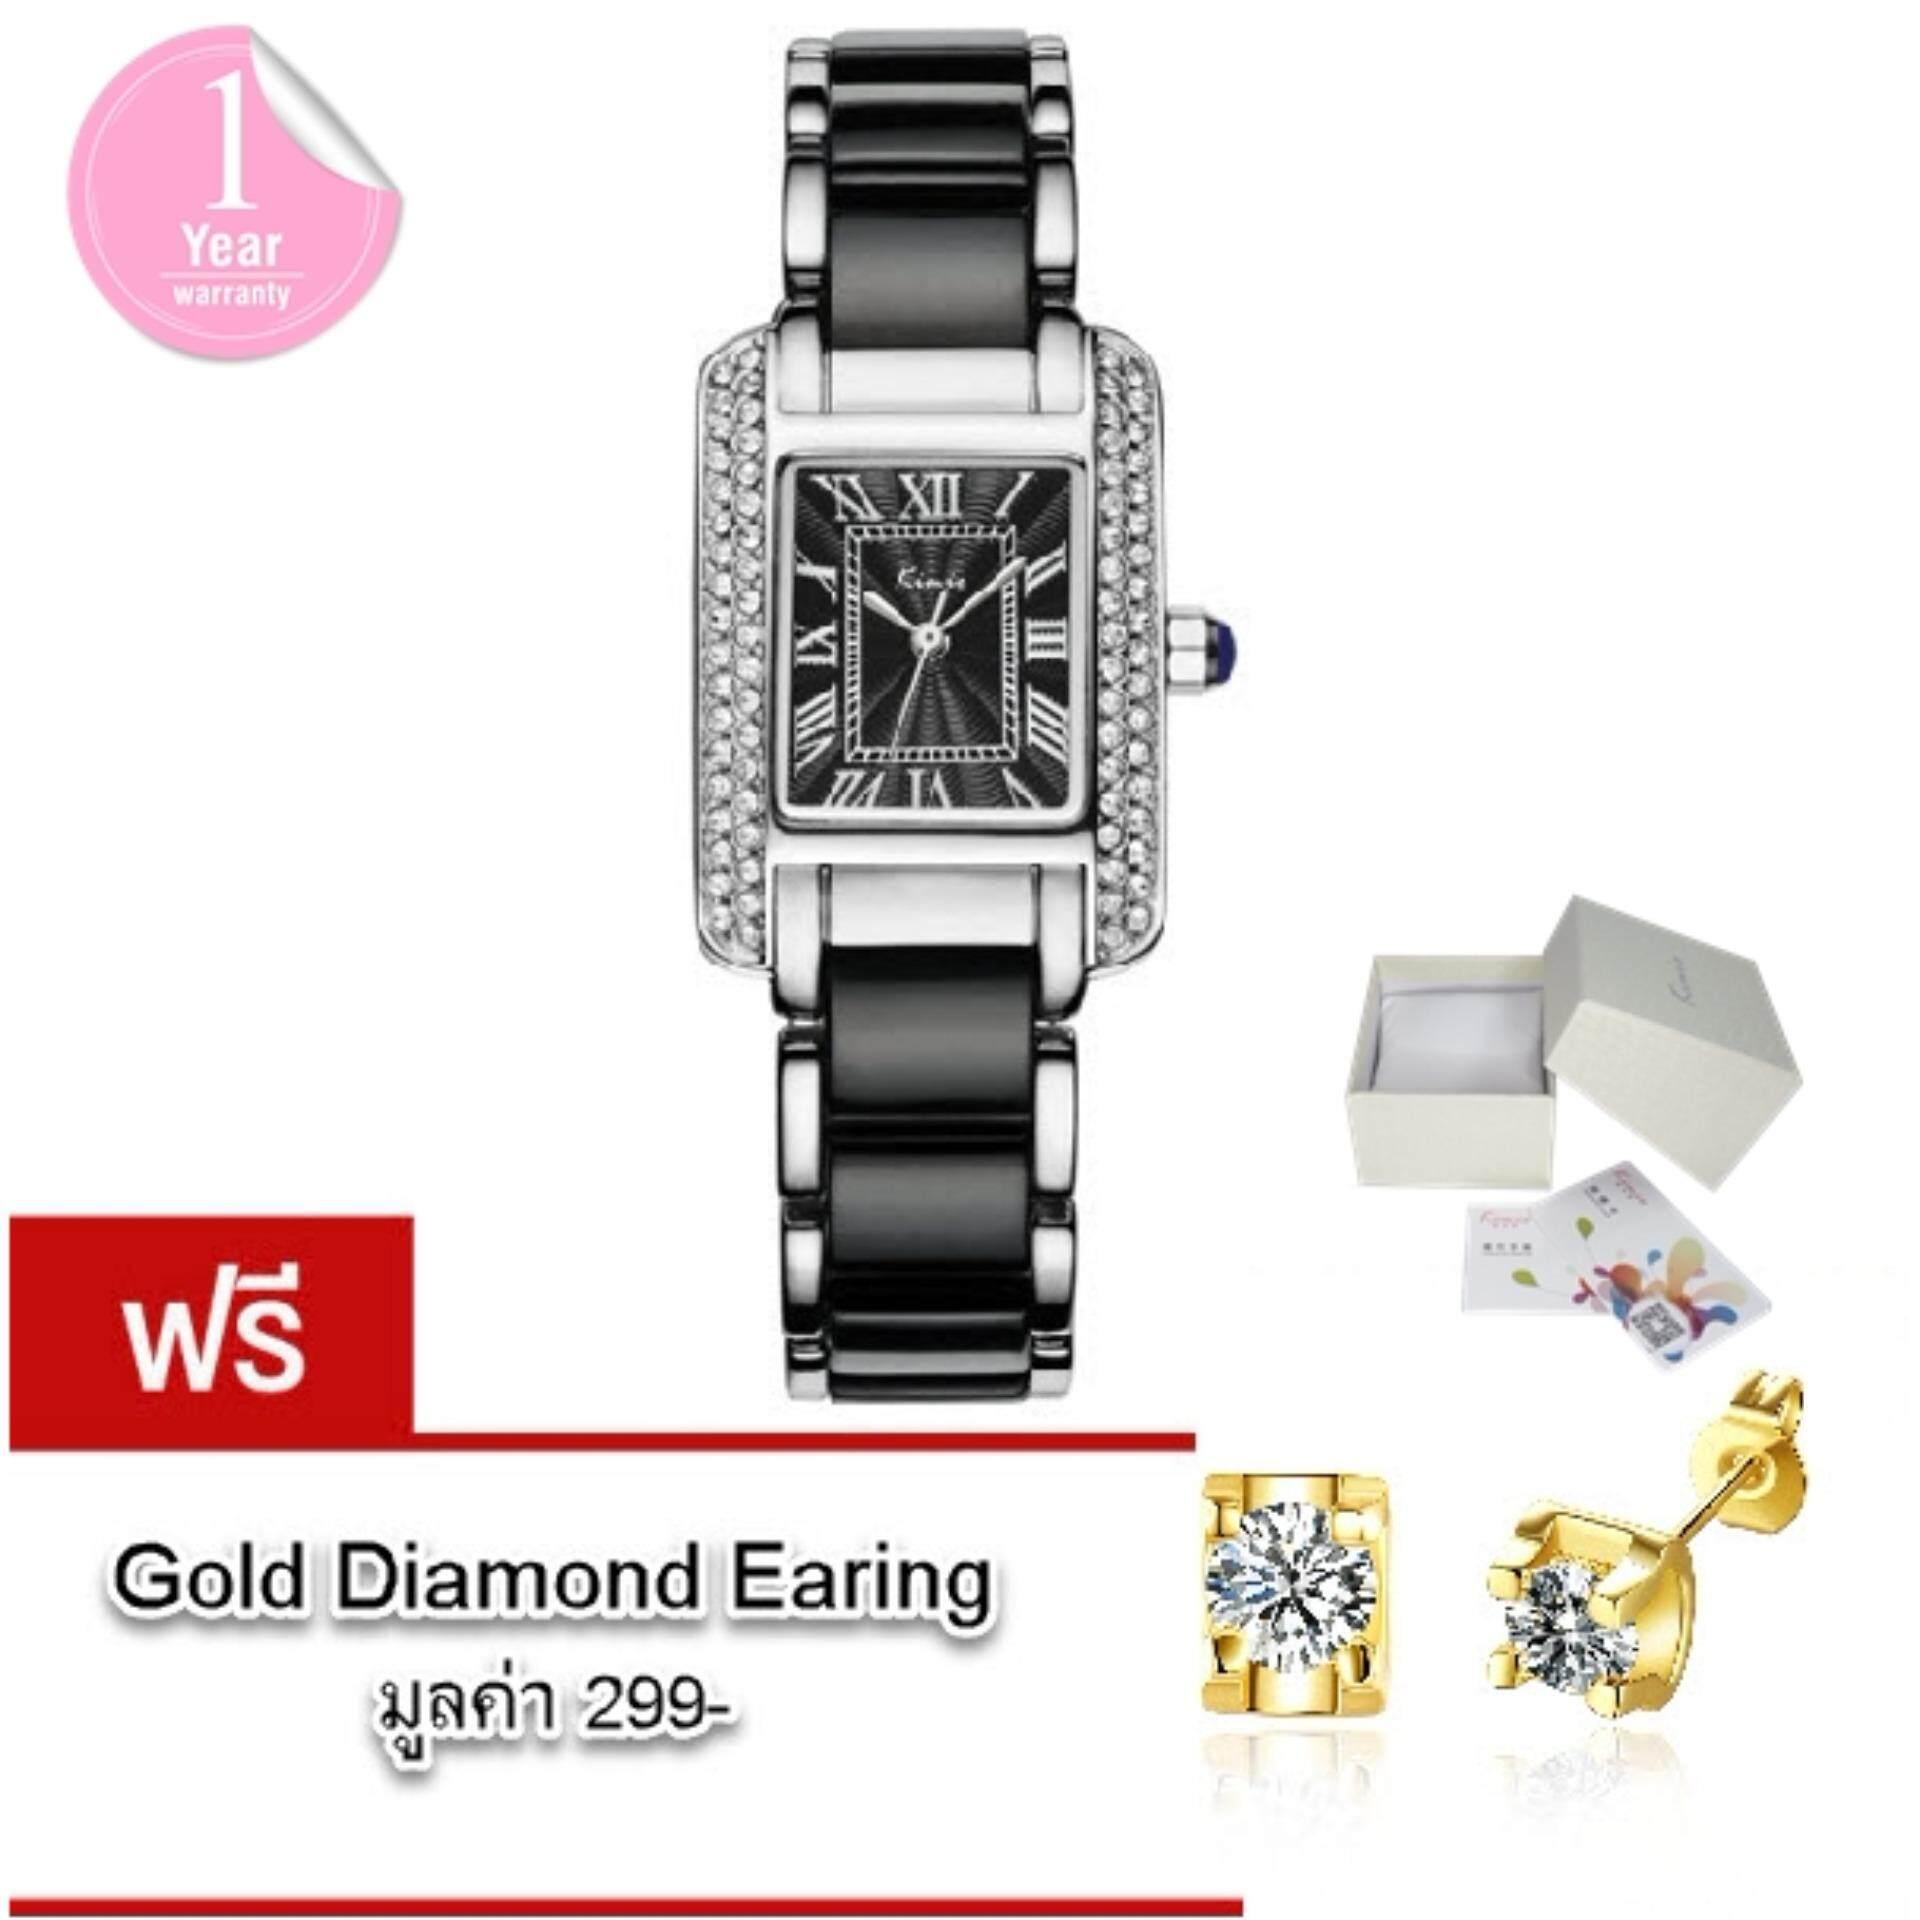 ขาย Kimio นาฬิกาข้อมือผู้หญิง แท้ 100 สาย Alloy สุดอินเทรนด์แฟชั่นของสาวๆ รุ่น Kw6036 พร้อมกล่อง Kimio แถมฟรี ต่างหู Gold Diamond มูลค่า 299 ถูก สมุทรปราการ